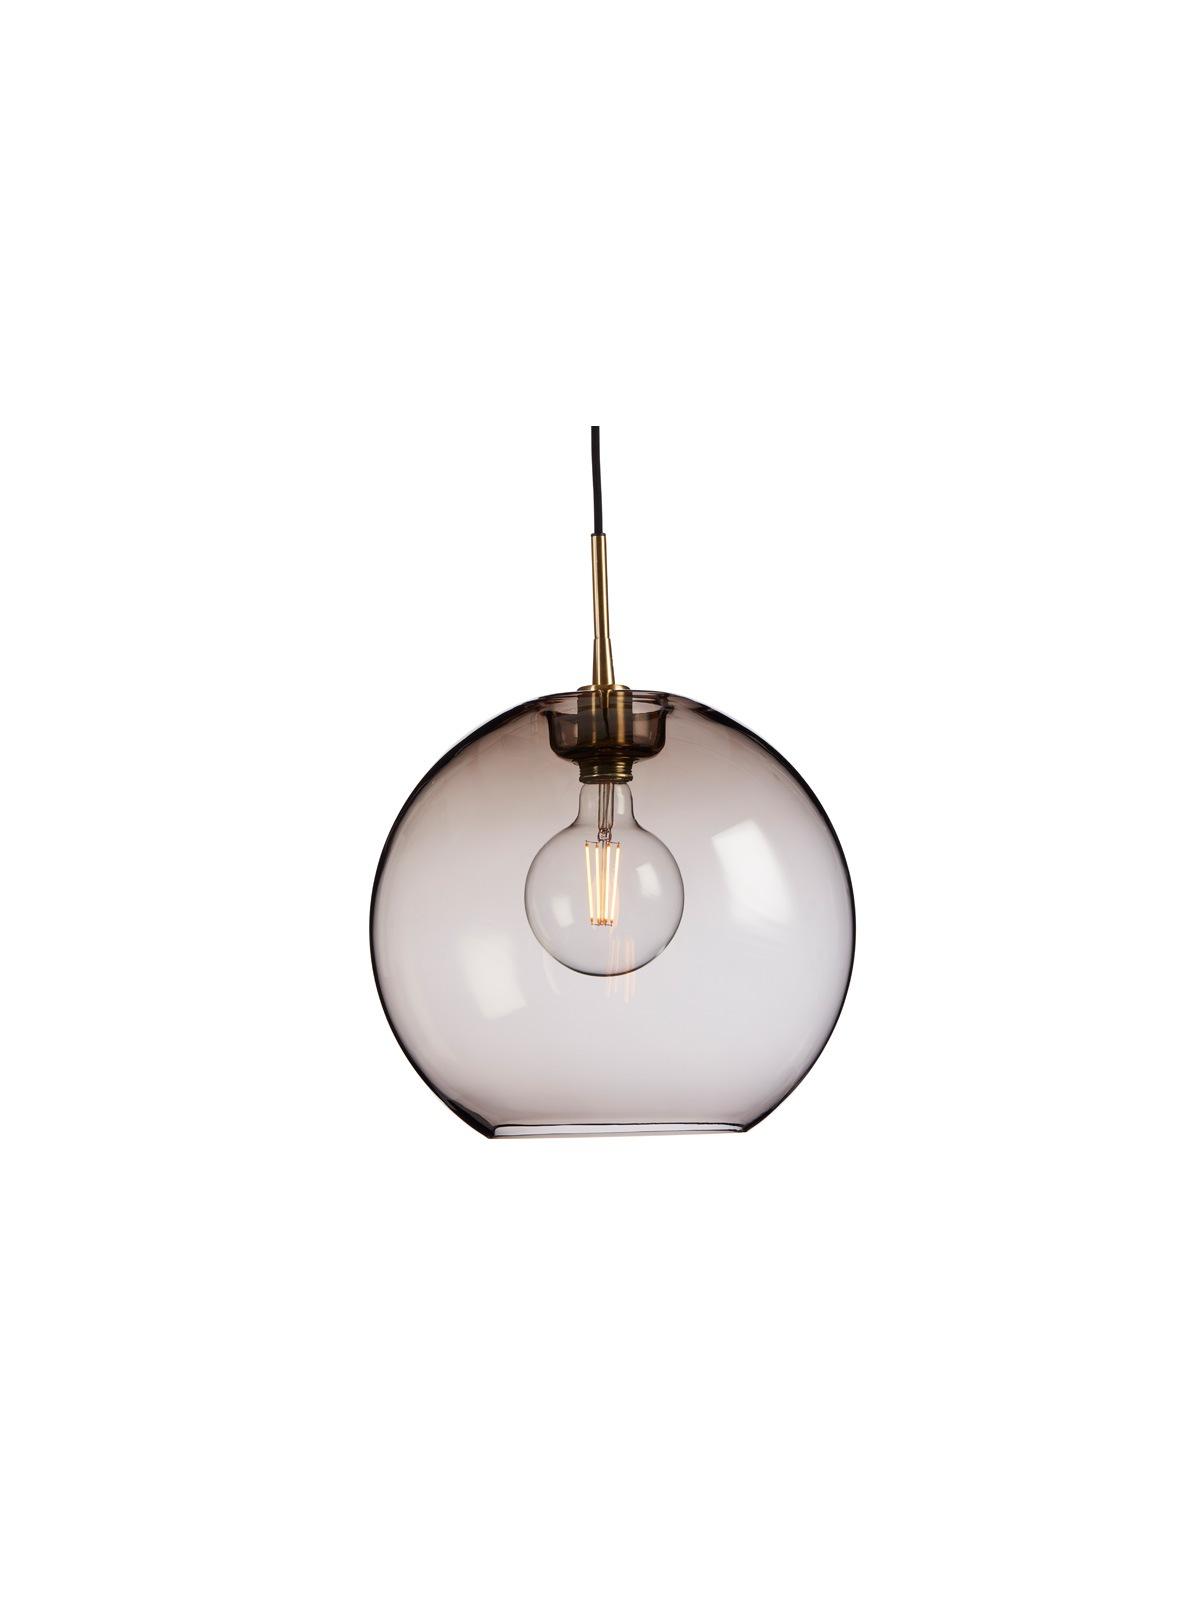 Belid Gloria Rauchglas Leuchte Glas skandinavisch DesignOrt Onlineshop Lampen